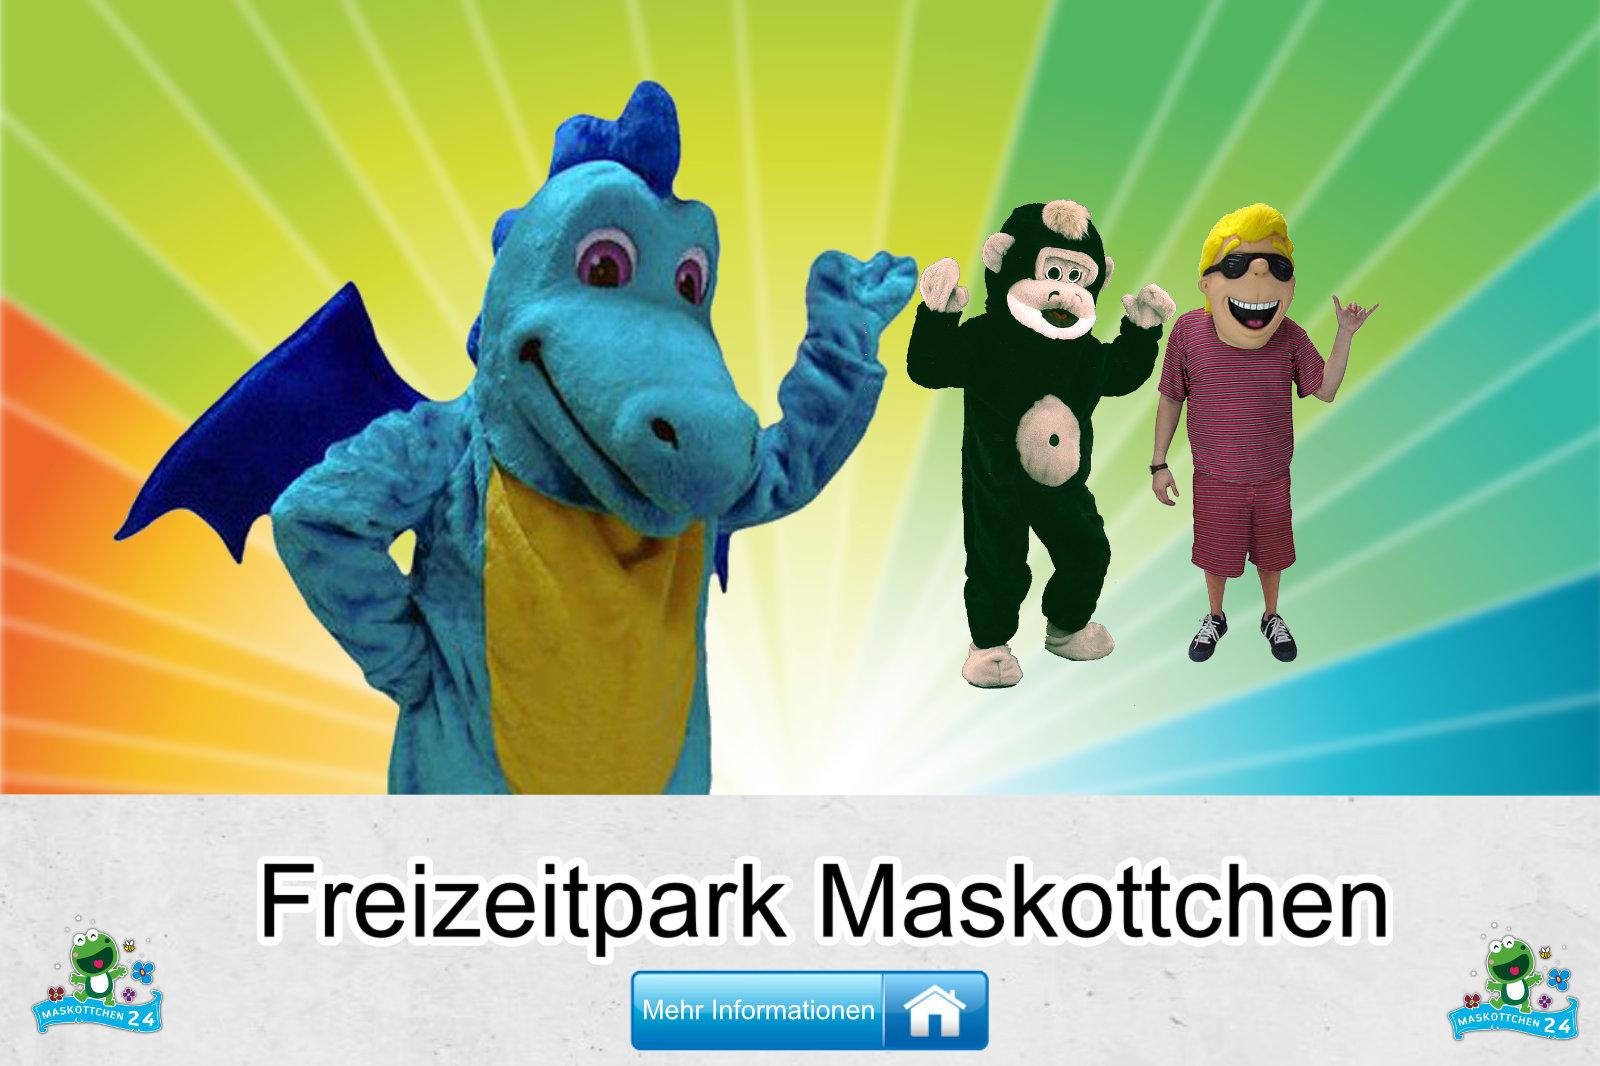 Kostüm Maskottchen Günstig-Kaufen Produktion Freizeitpark